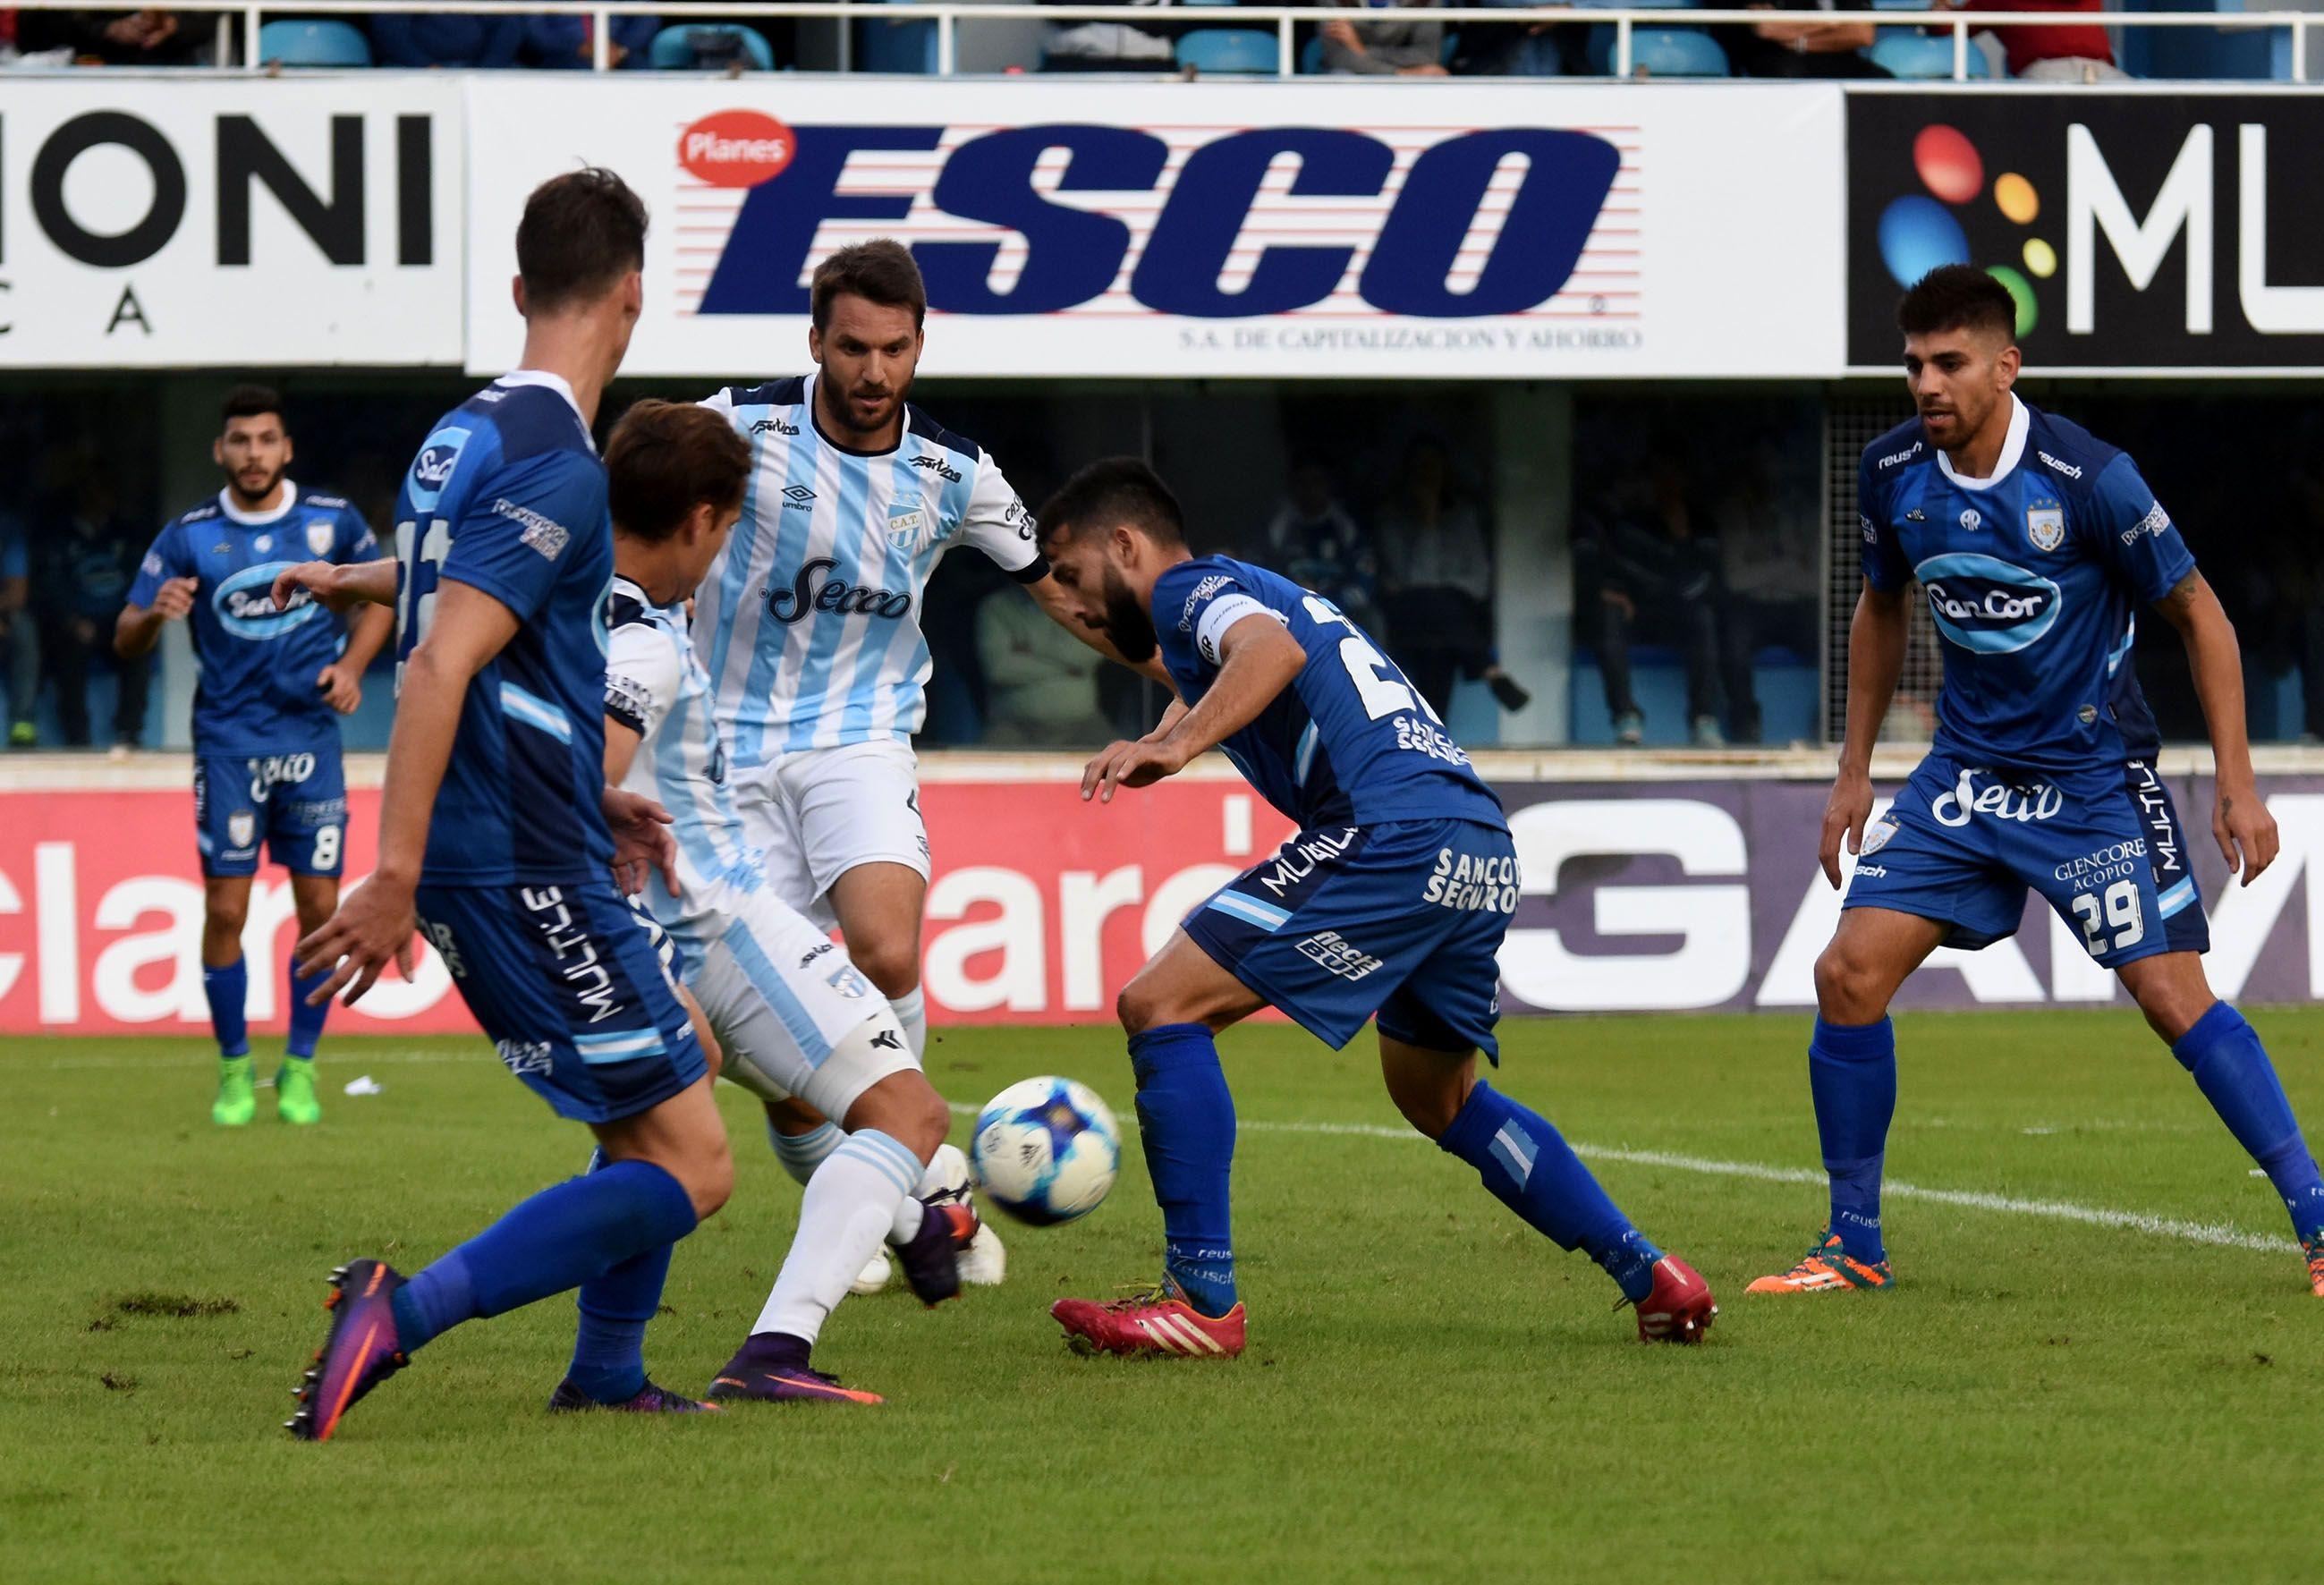 Rafaela le ganó a Atlético Tucumán en la última jugada y sueña con salvarse